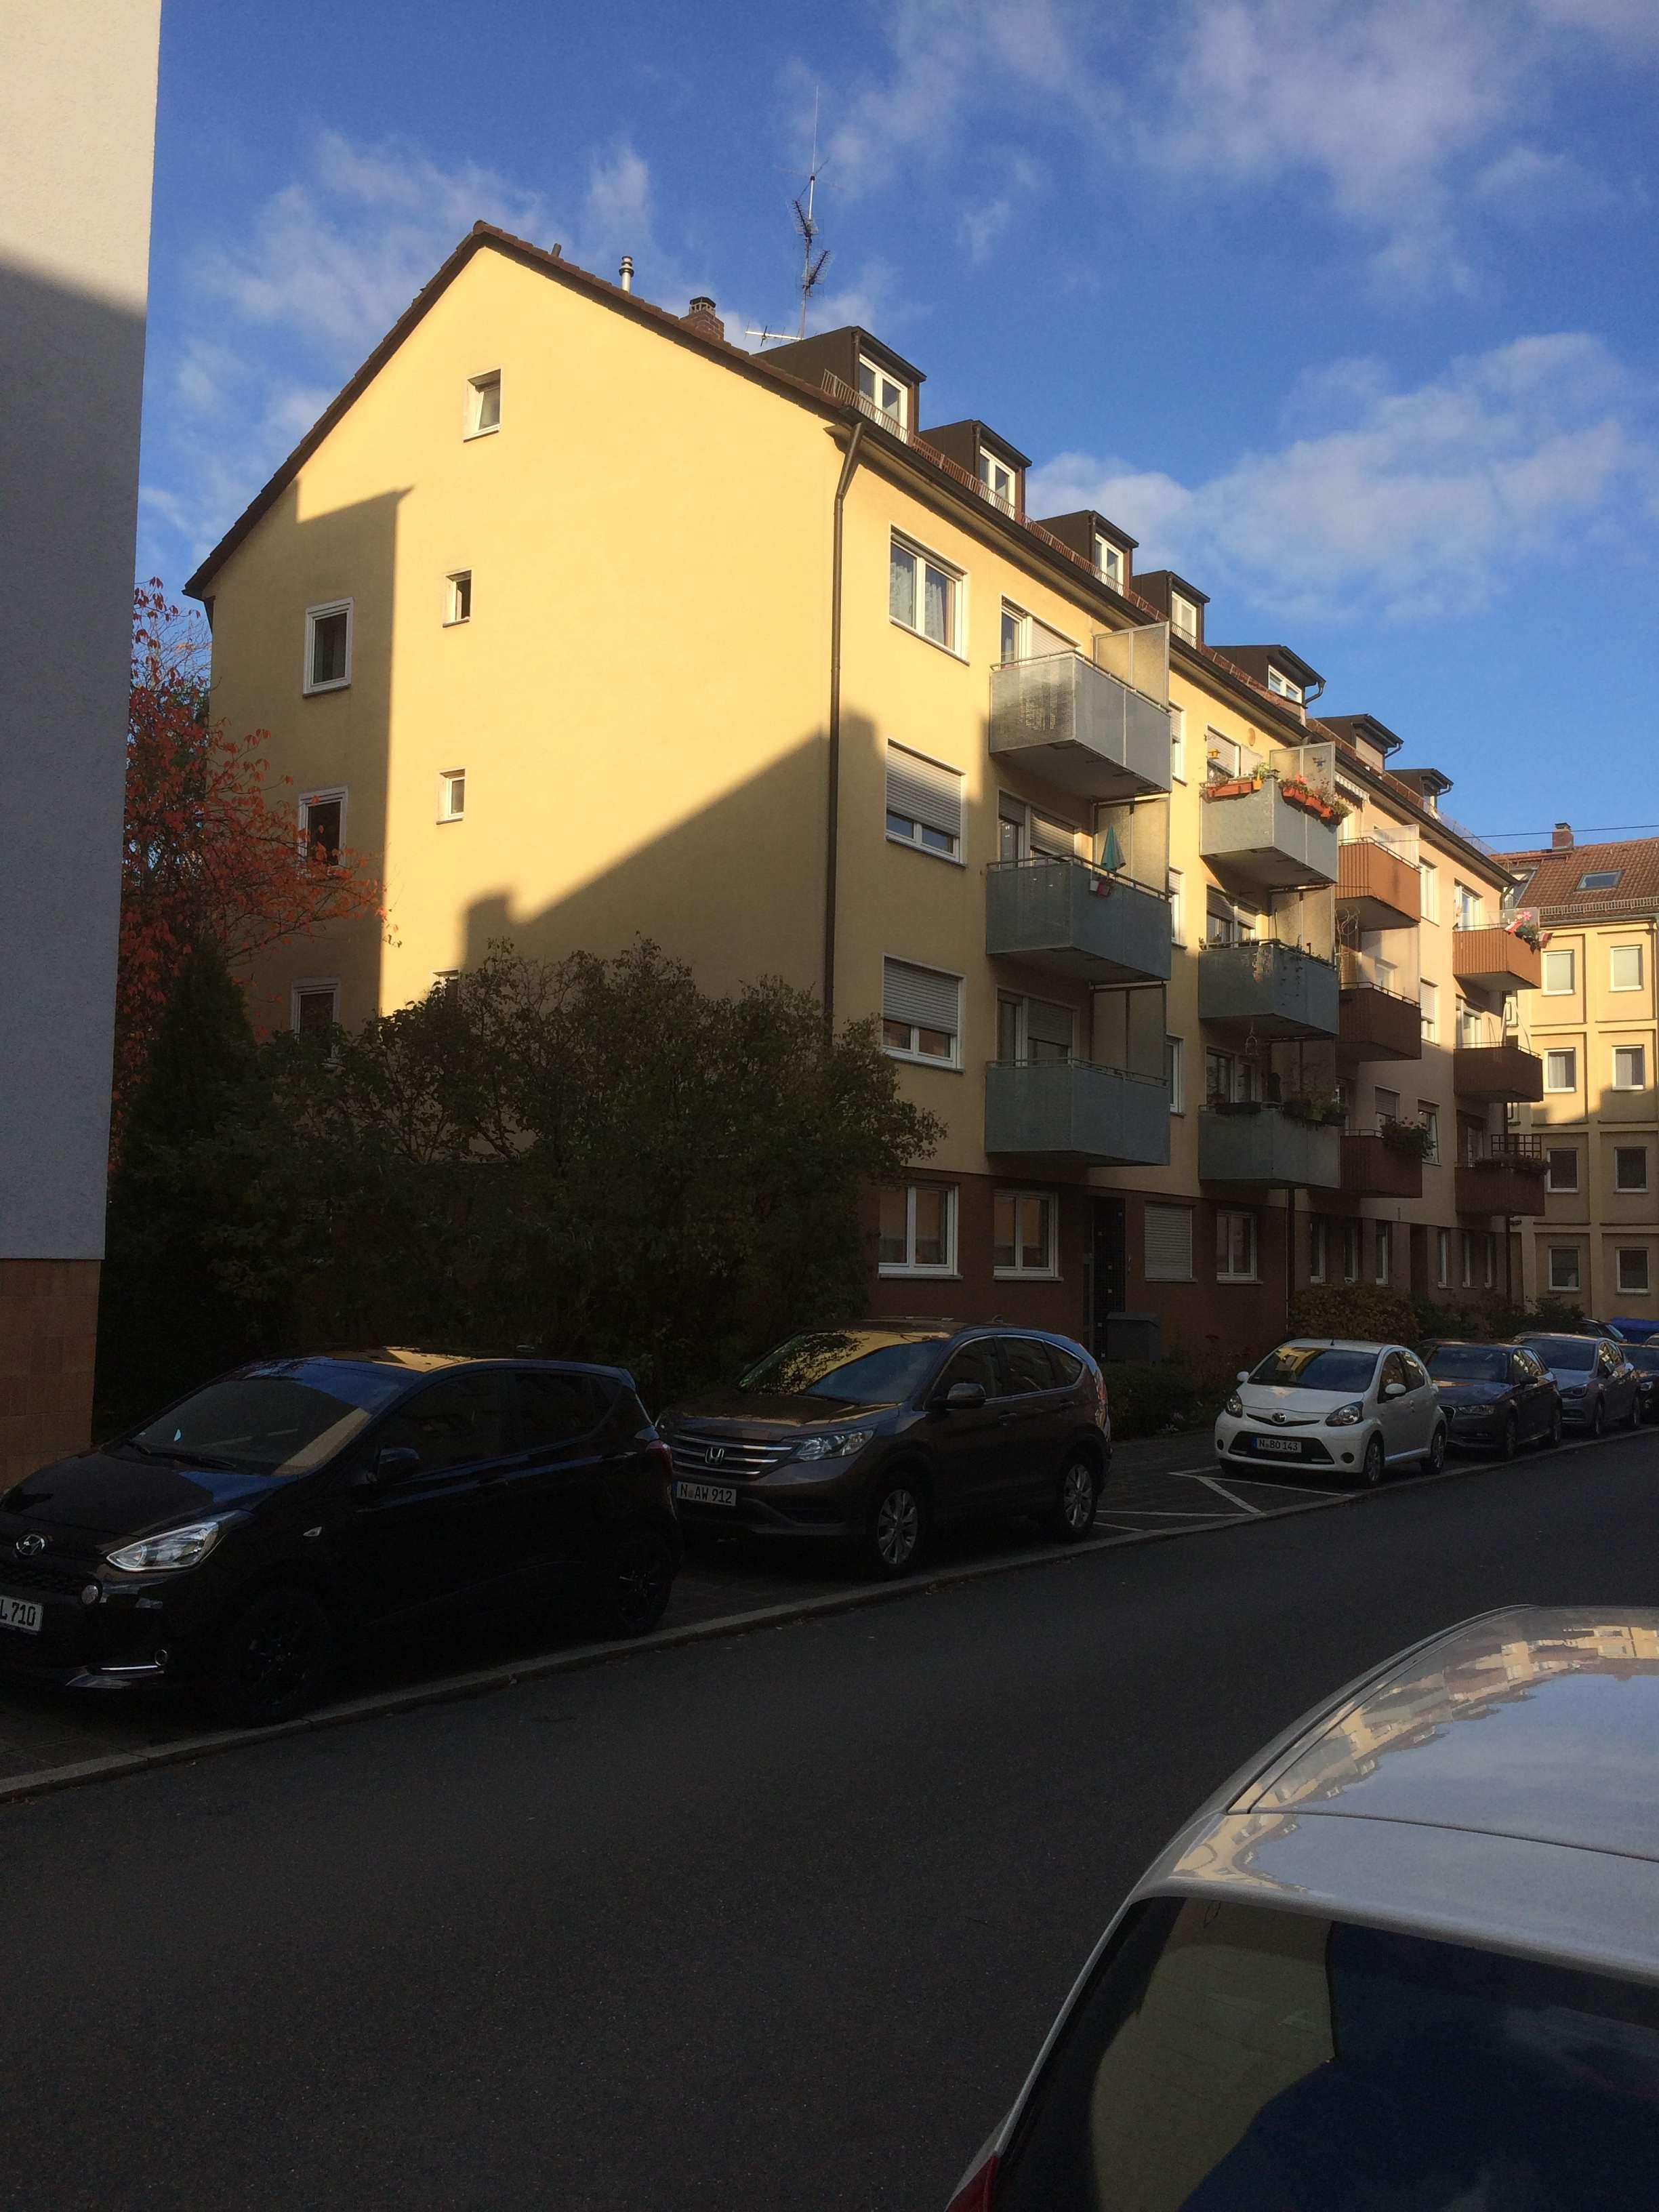 Vollständig renovierte 3-Zimmer-Wohnung mit Balkon und EBK in Nürnberg (Wöhrd) in Wöhrd